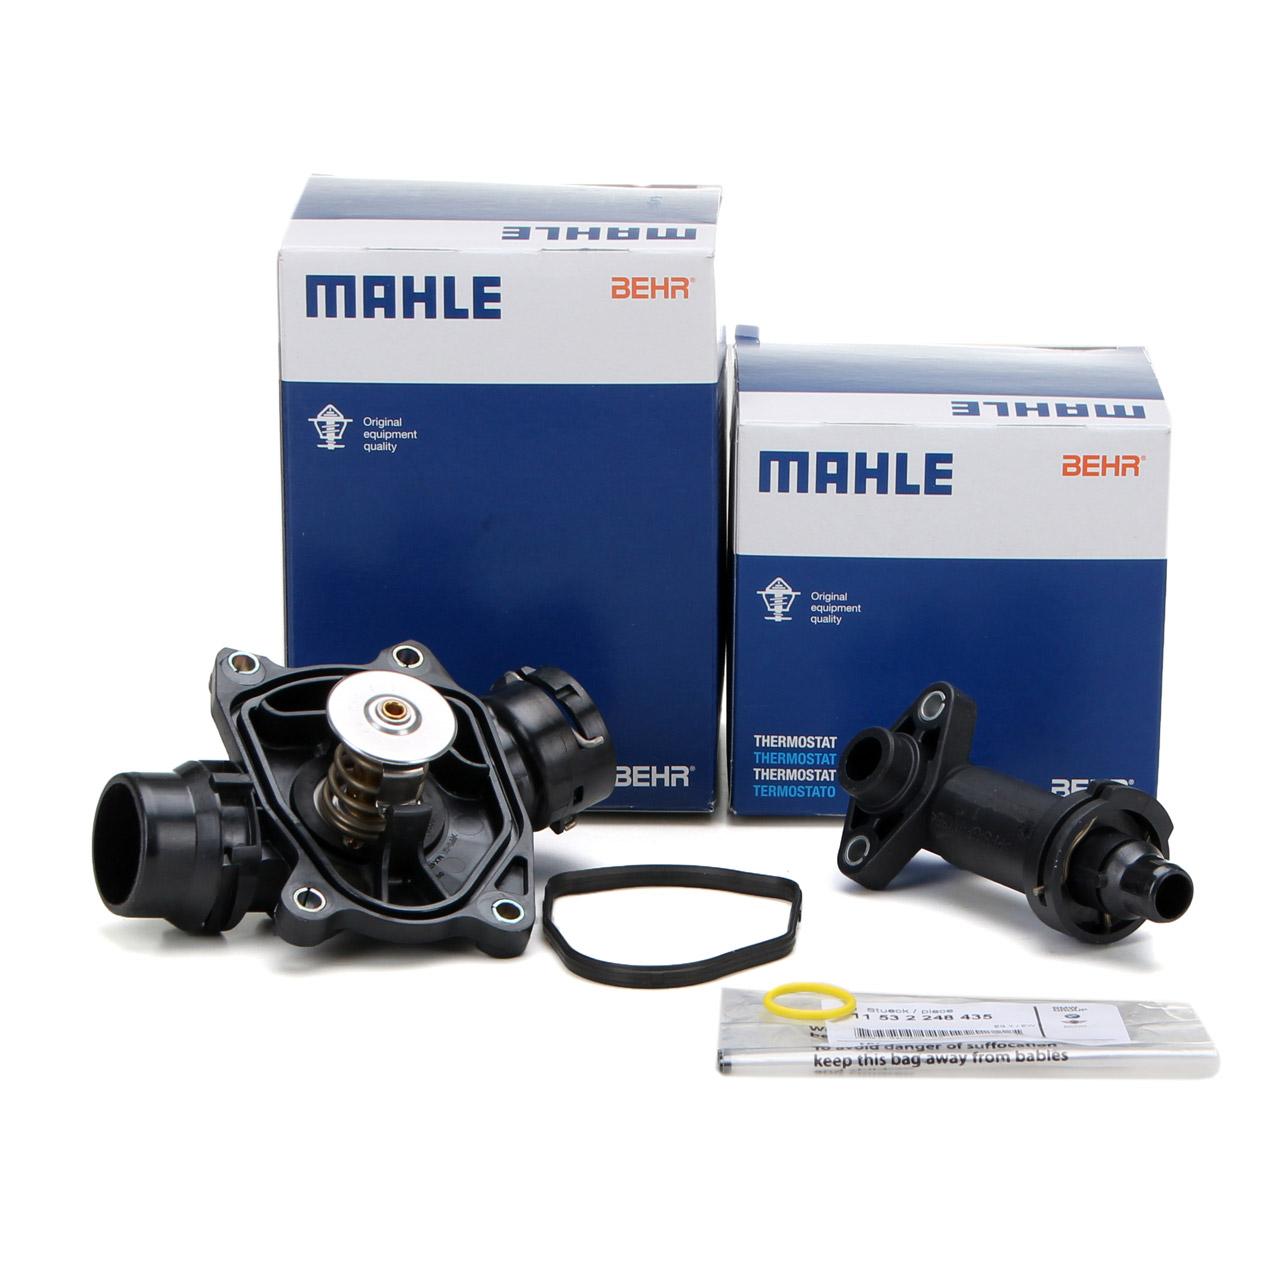 BEHR MAHLE Thermostat + AGR Thermostat BMW E46 330d E39 525d 530d E38 730d M57